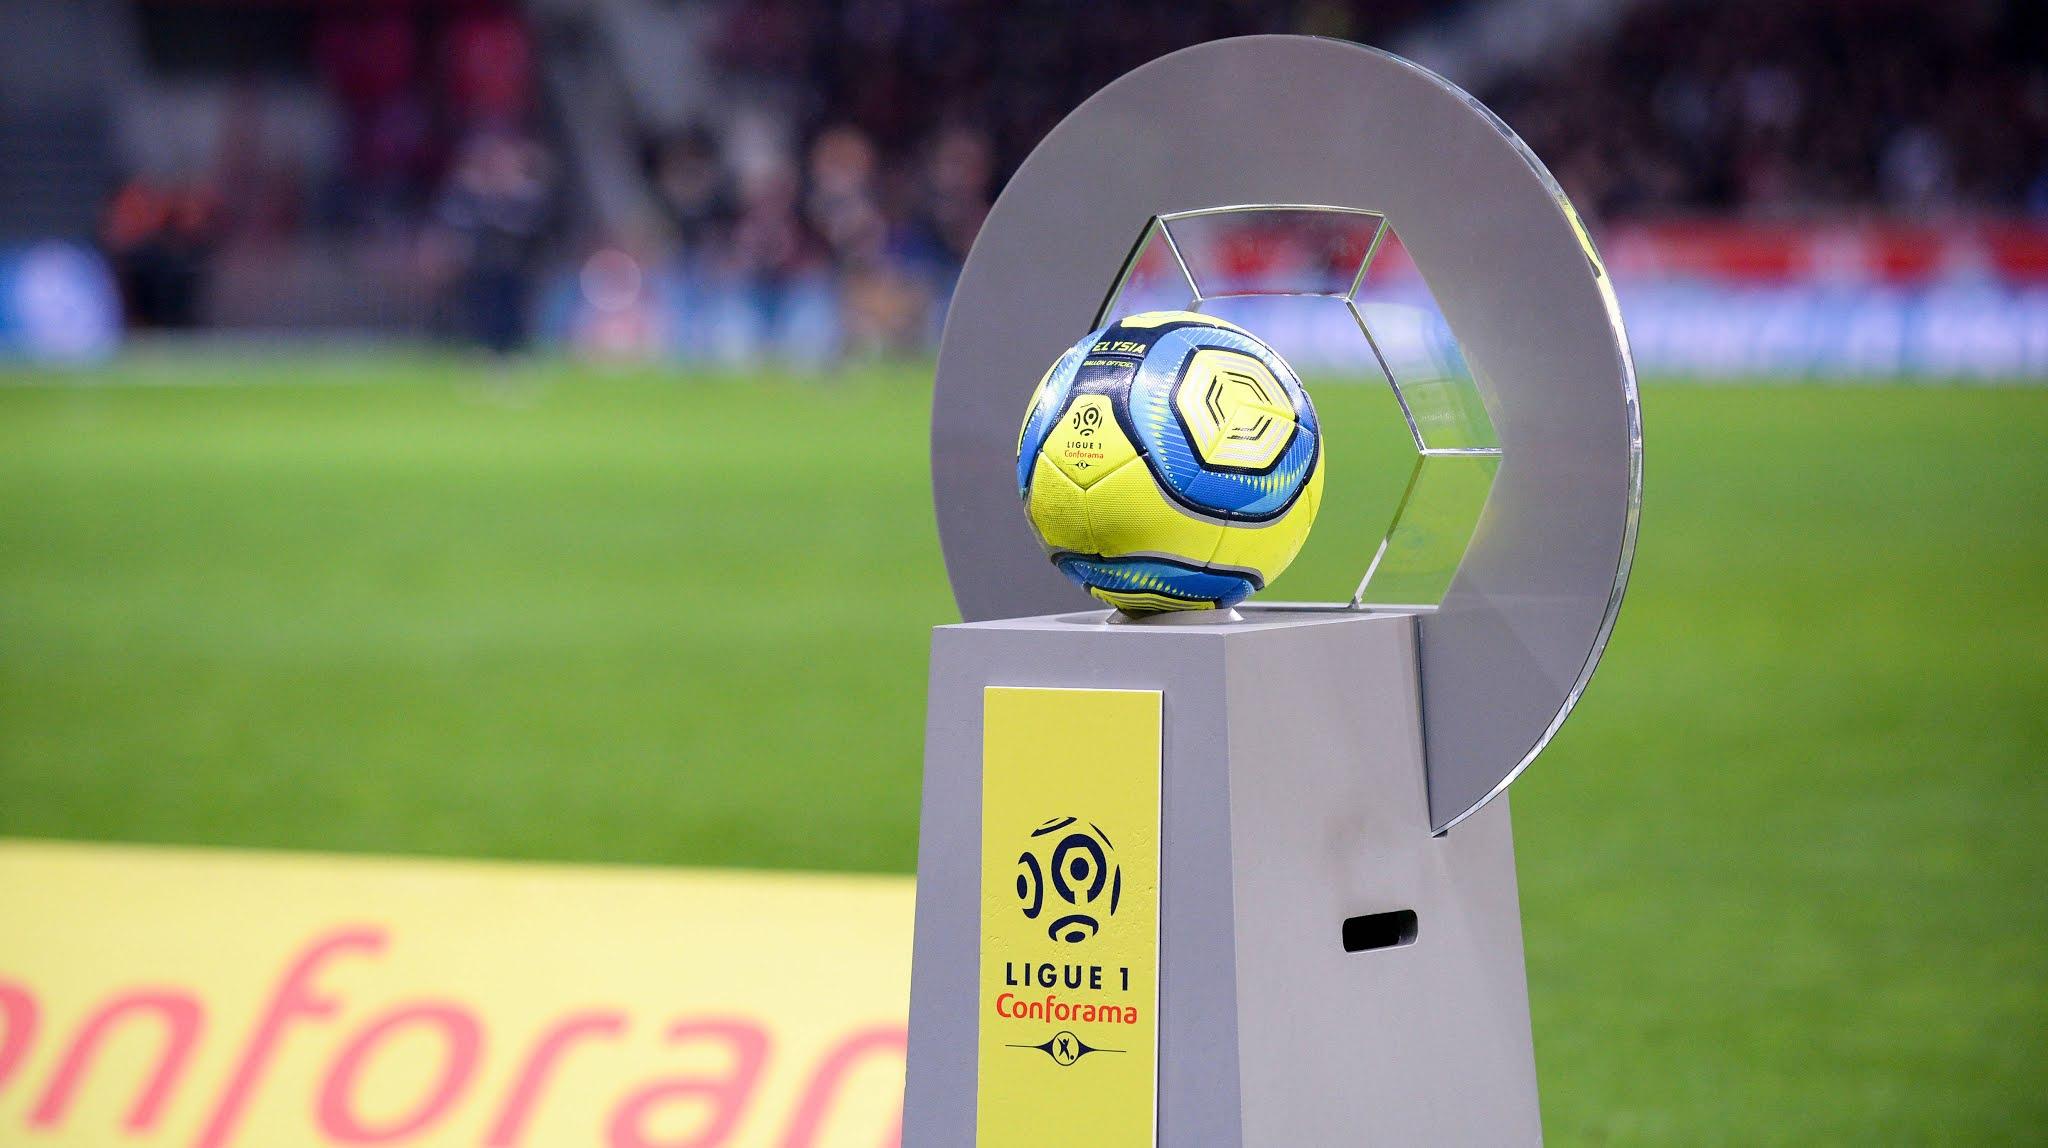 جولة الحسم في الدوري الفرنسي .. باريس سان جيرمان ضد ريمس وليل ضد سانت إيتيان